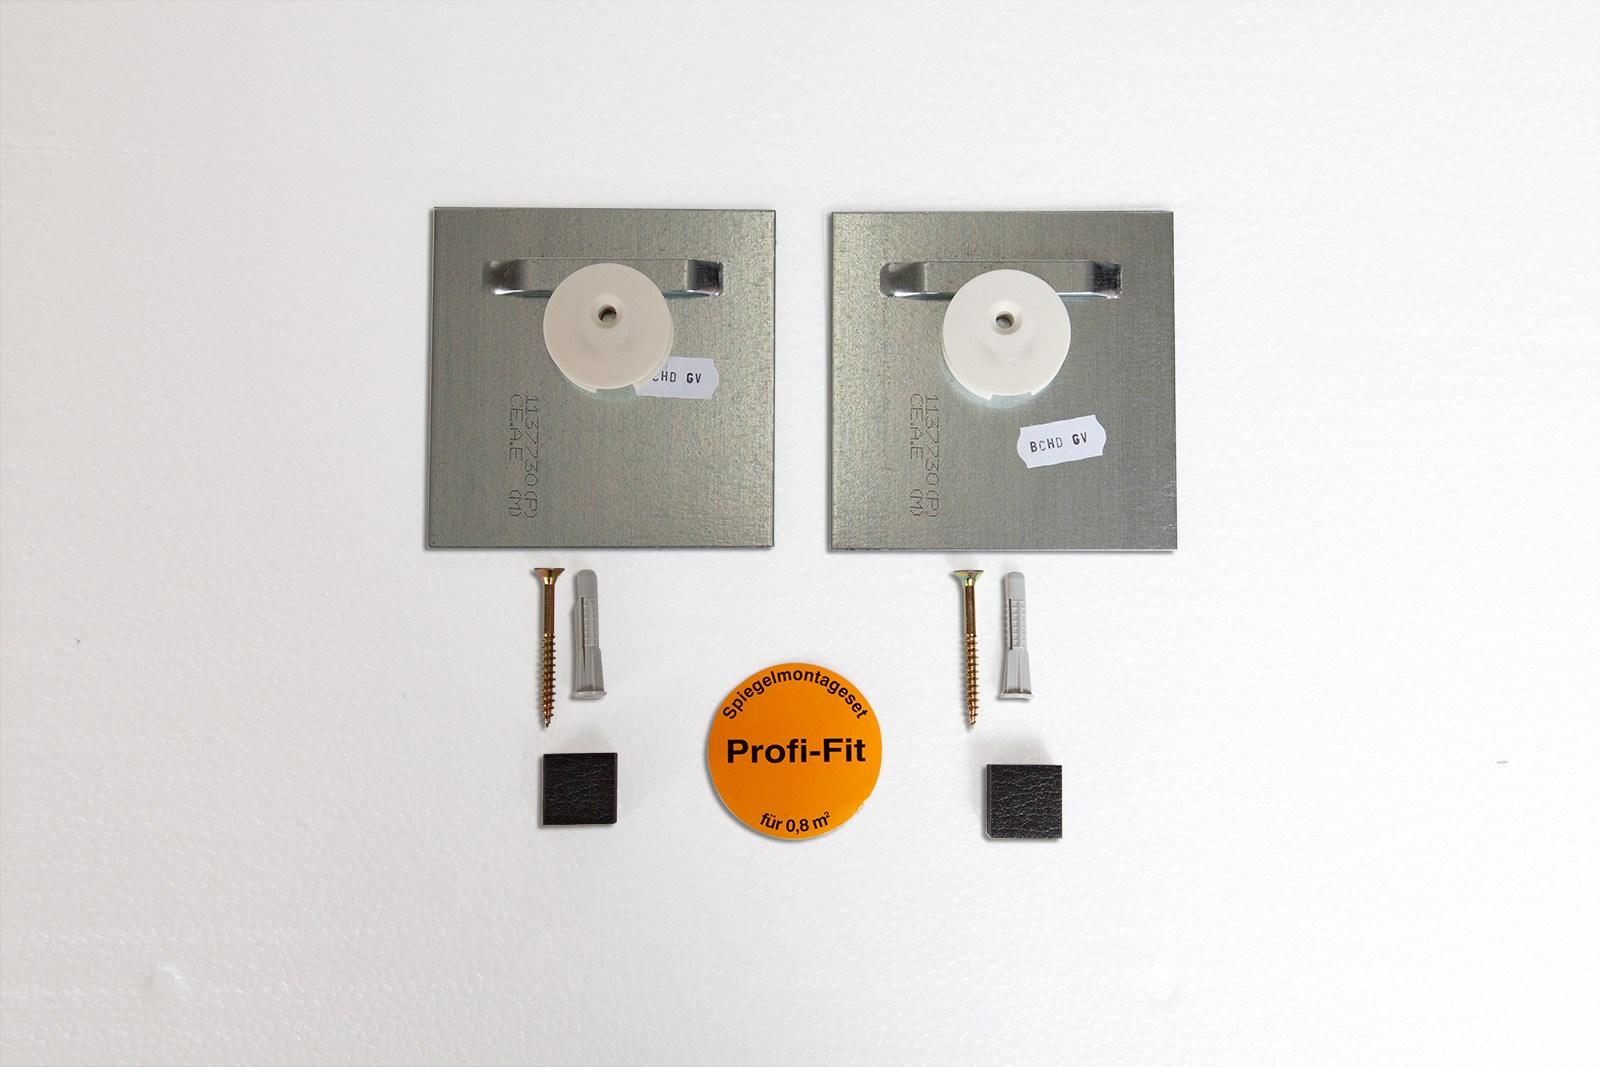 Spiegel Montageset 0,8 m2